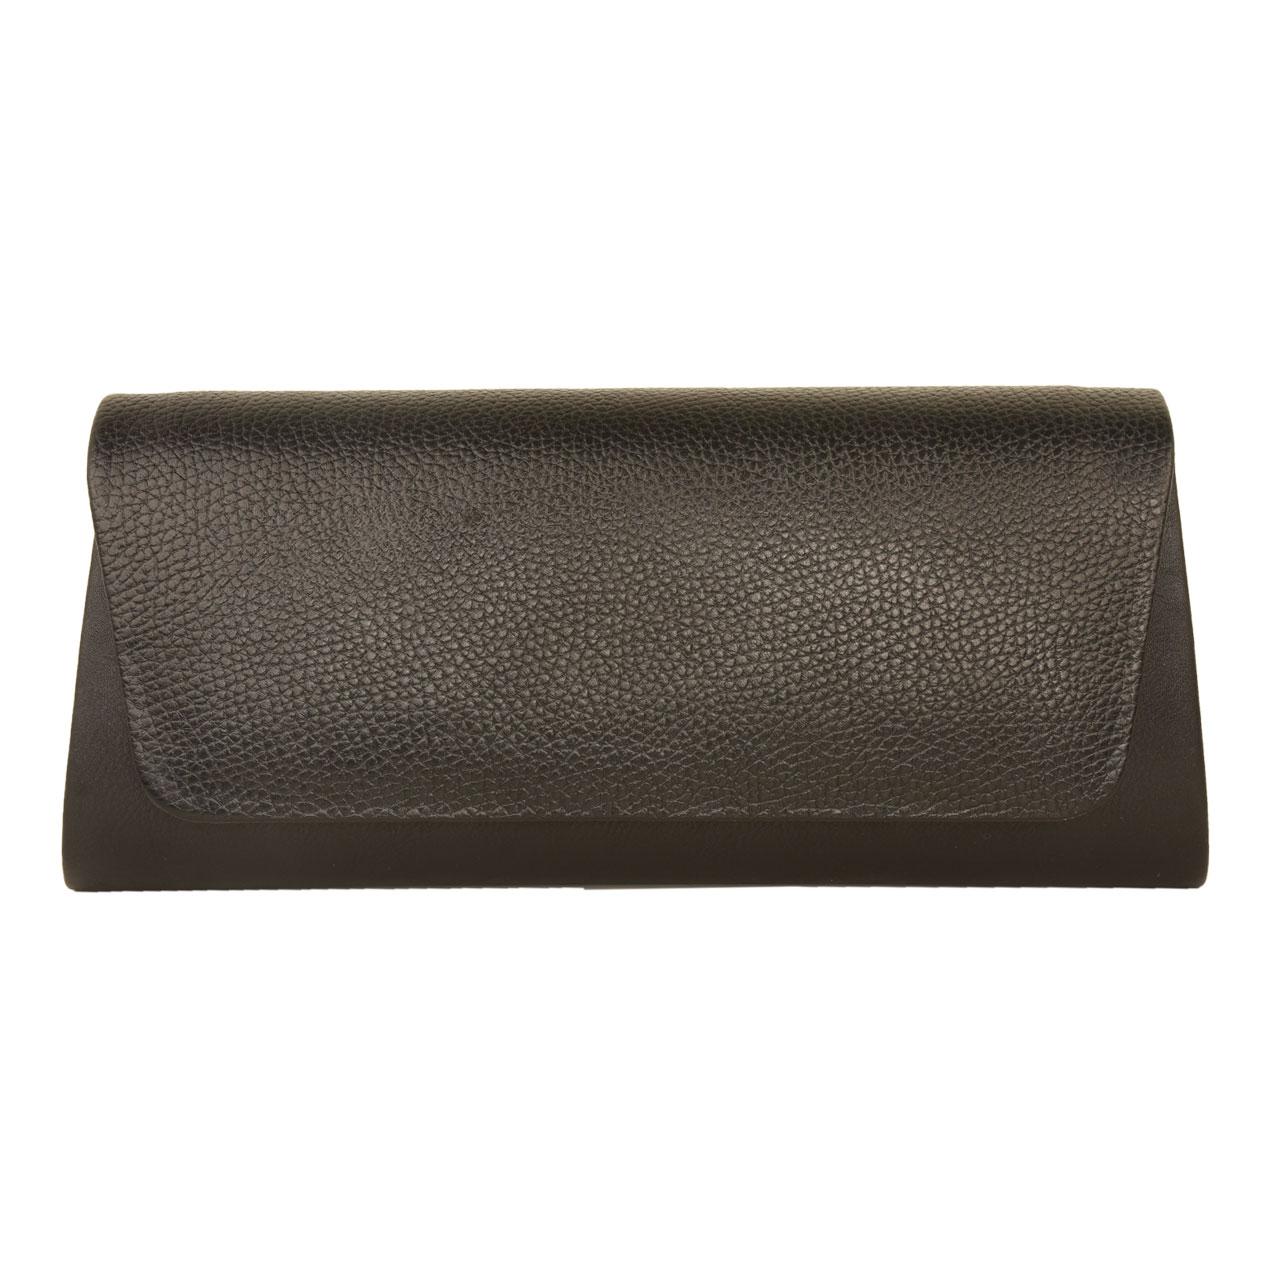 کیف دستی زنانه پارینه مدل PlV127-1543